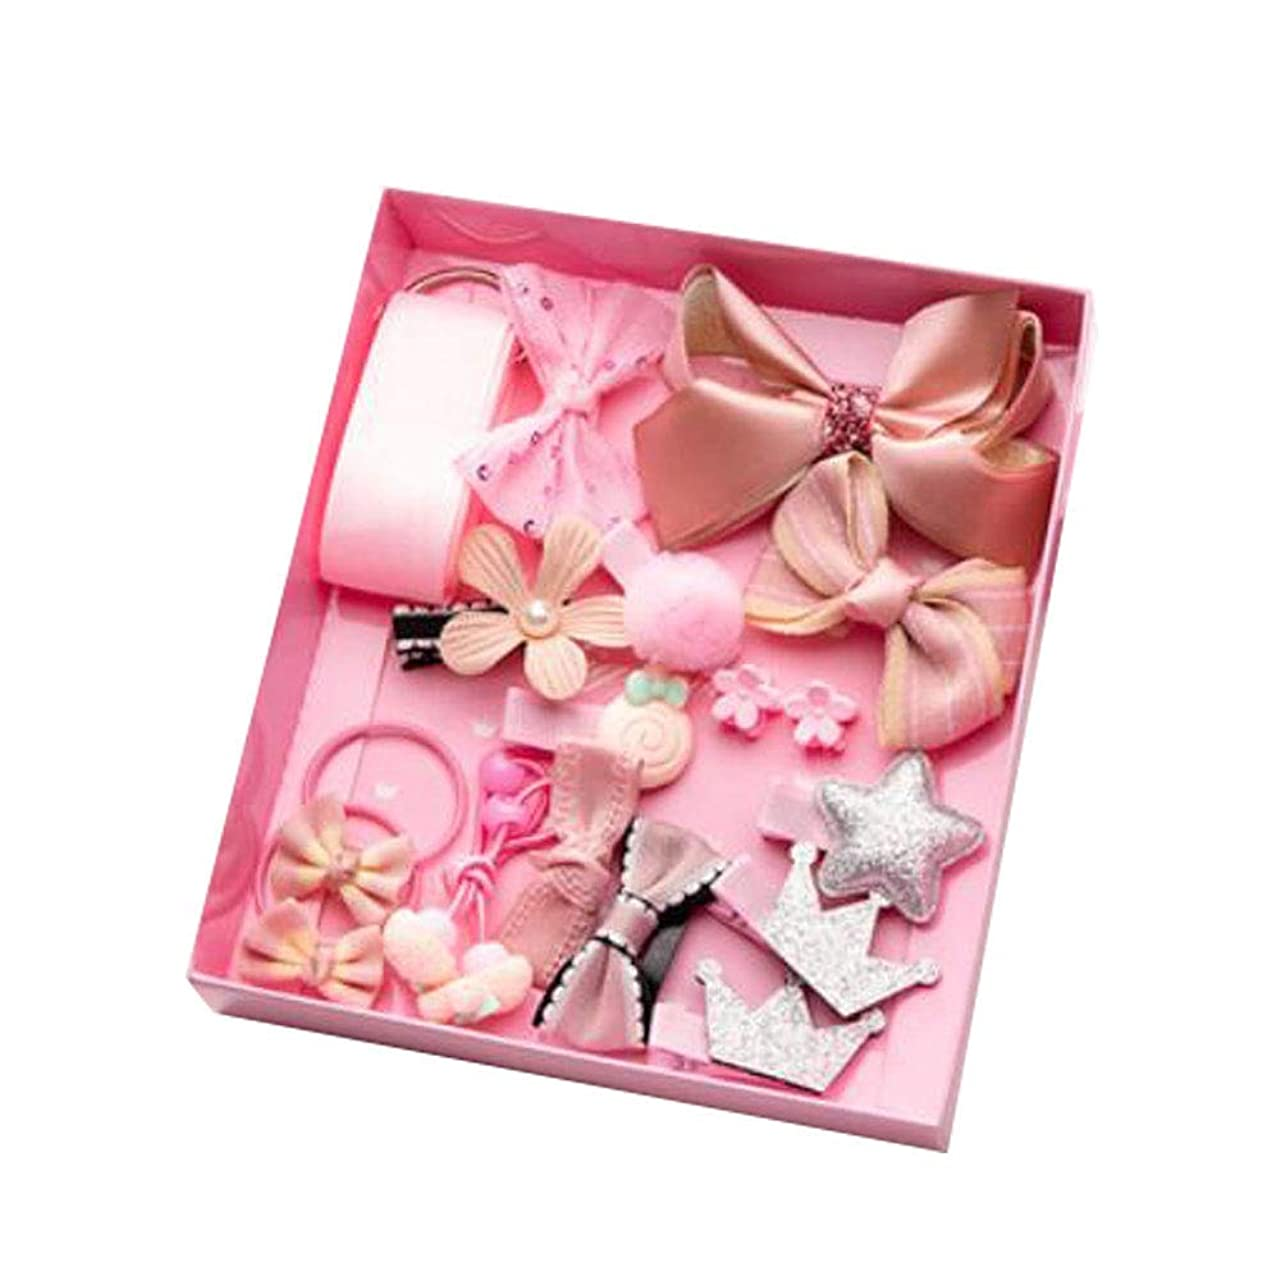 船外セクタ自治的Chinashow 新生児、幼児および子供 ピンク 弓 18個 /パック美しいレディースヘアクリップヘアピンセットギフト